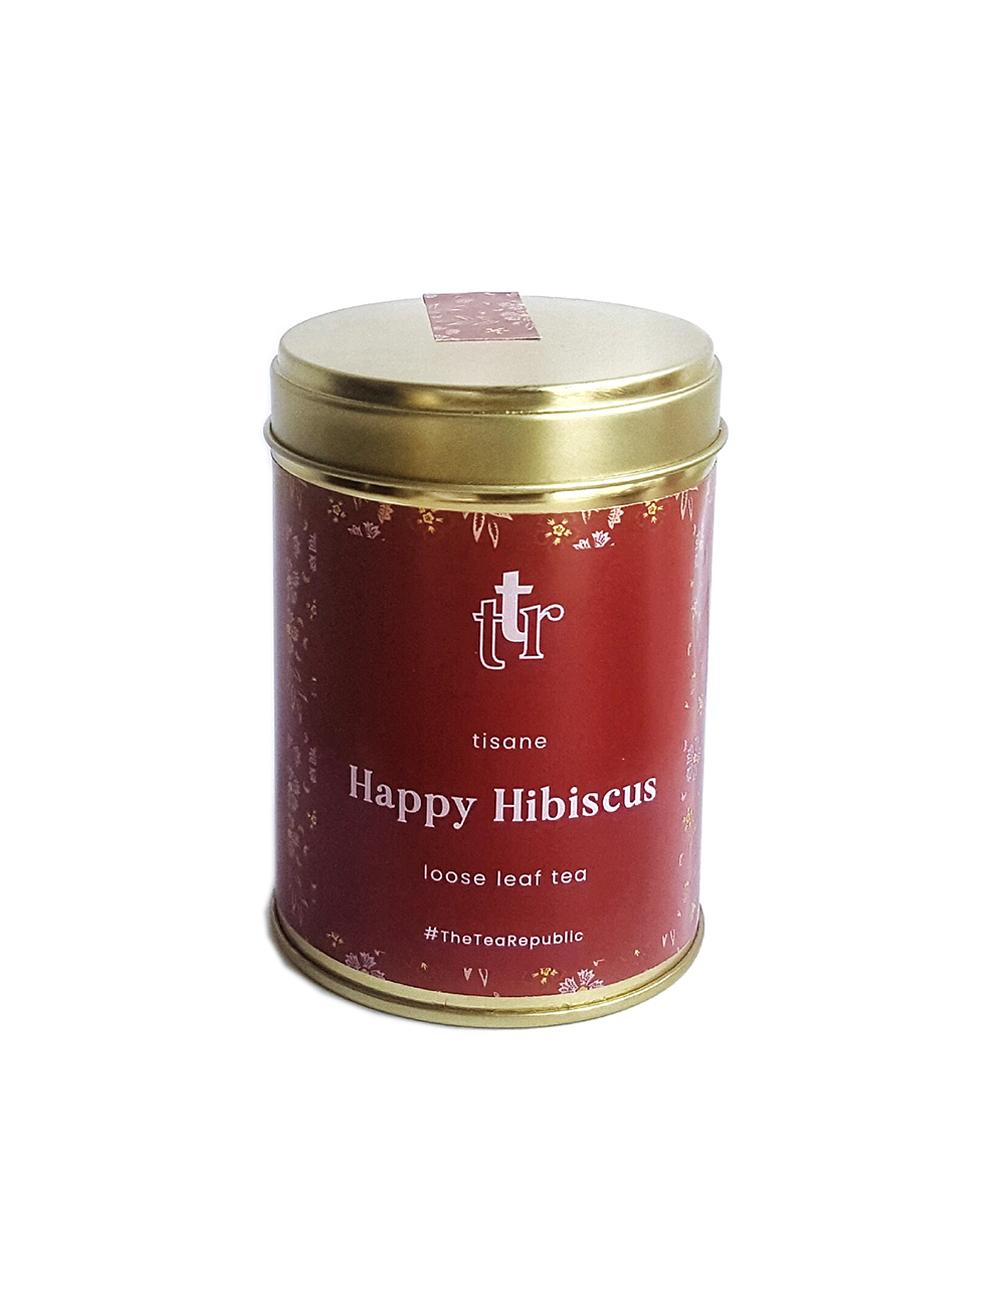 Loose Leaf Tea Happy Hibiscus The Tea Republic